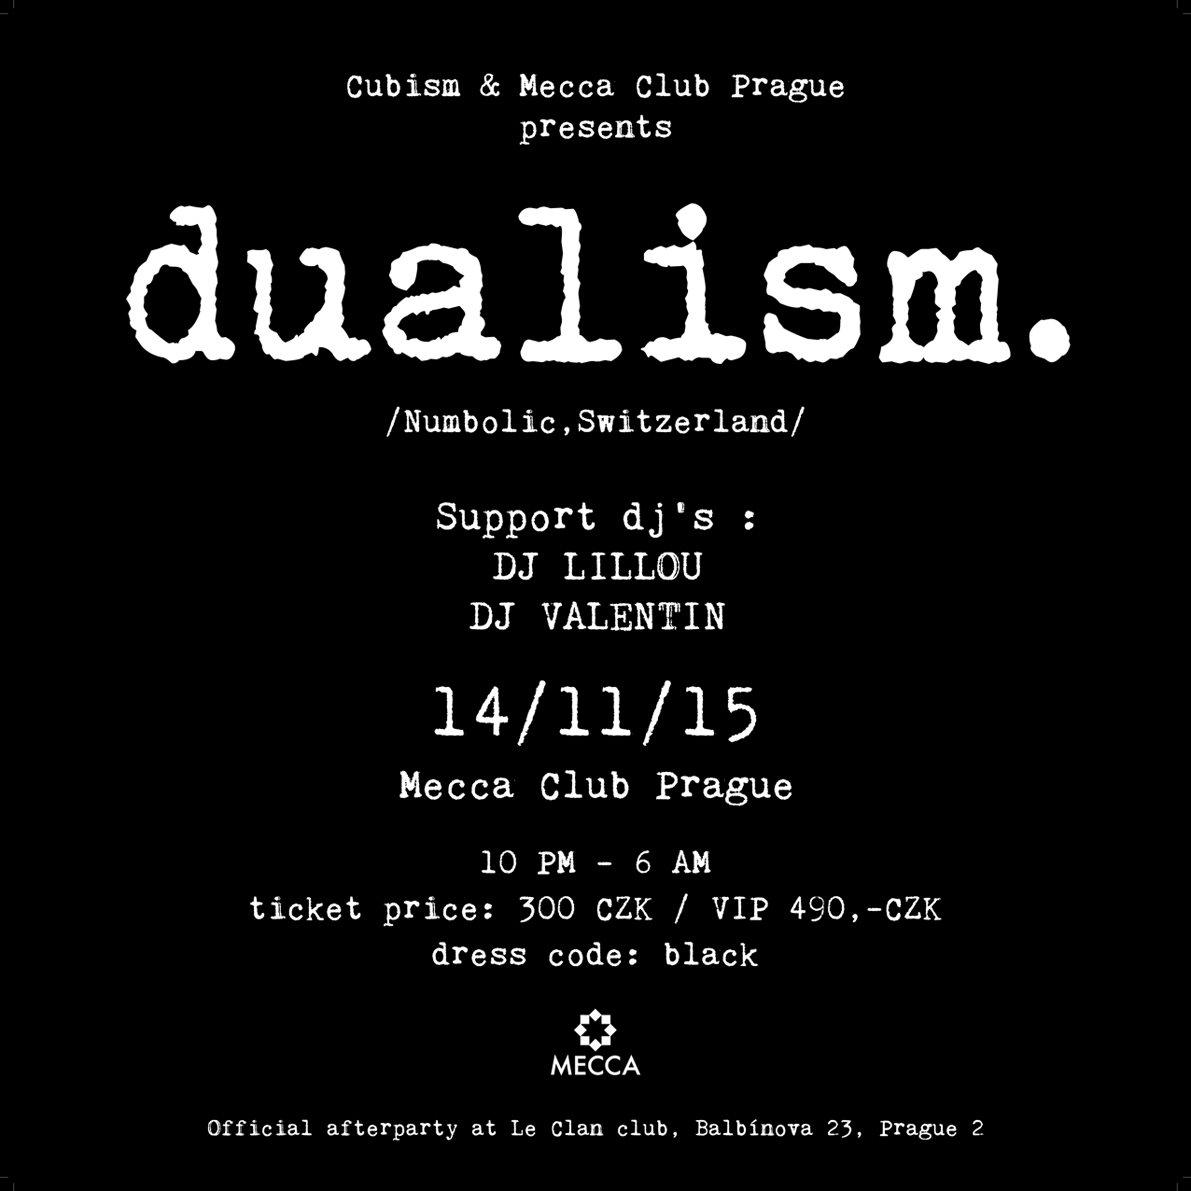 dualism and diesim